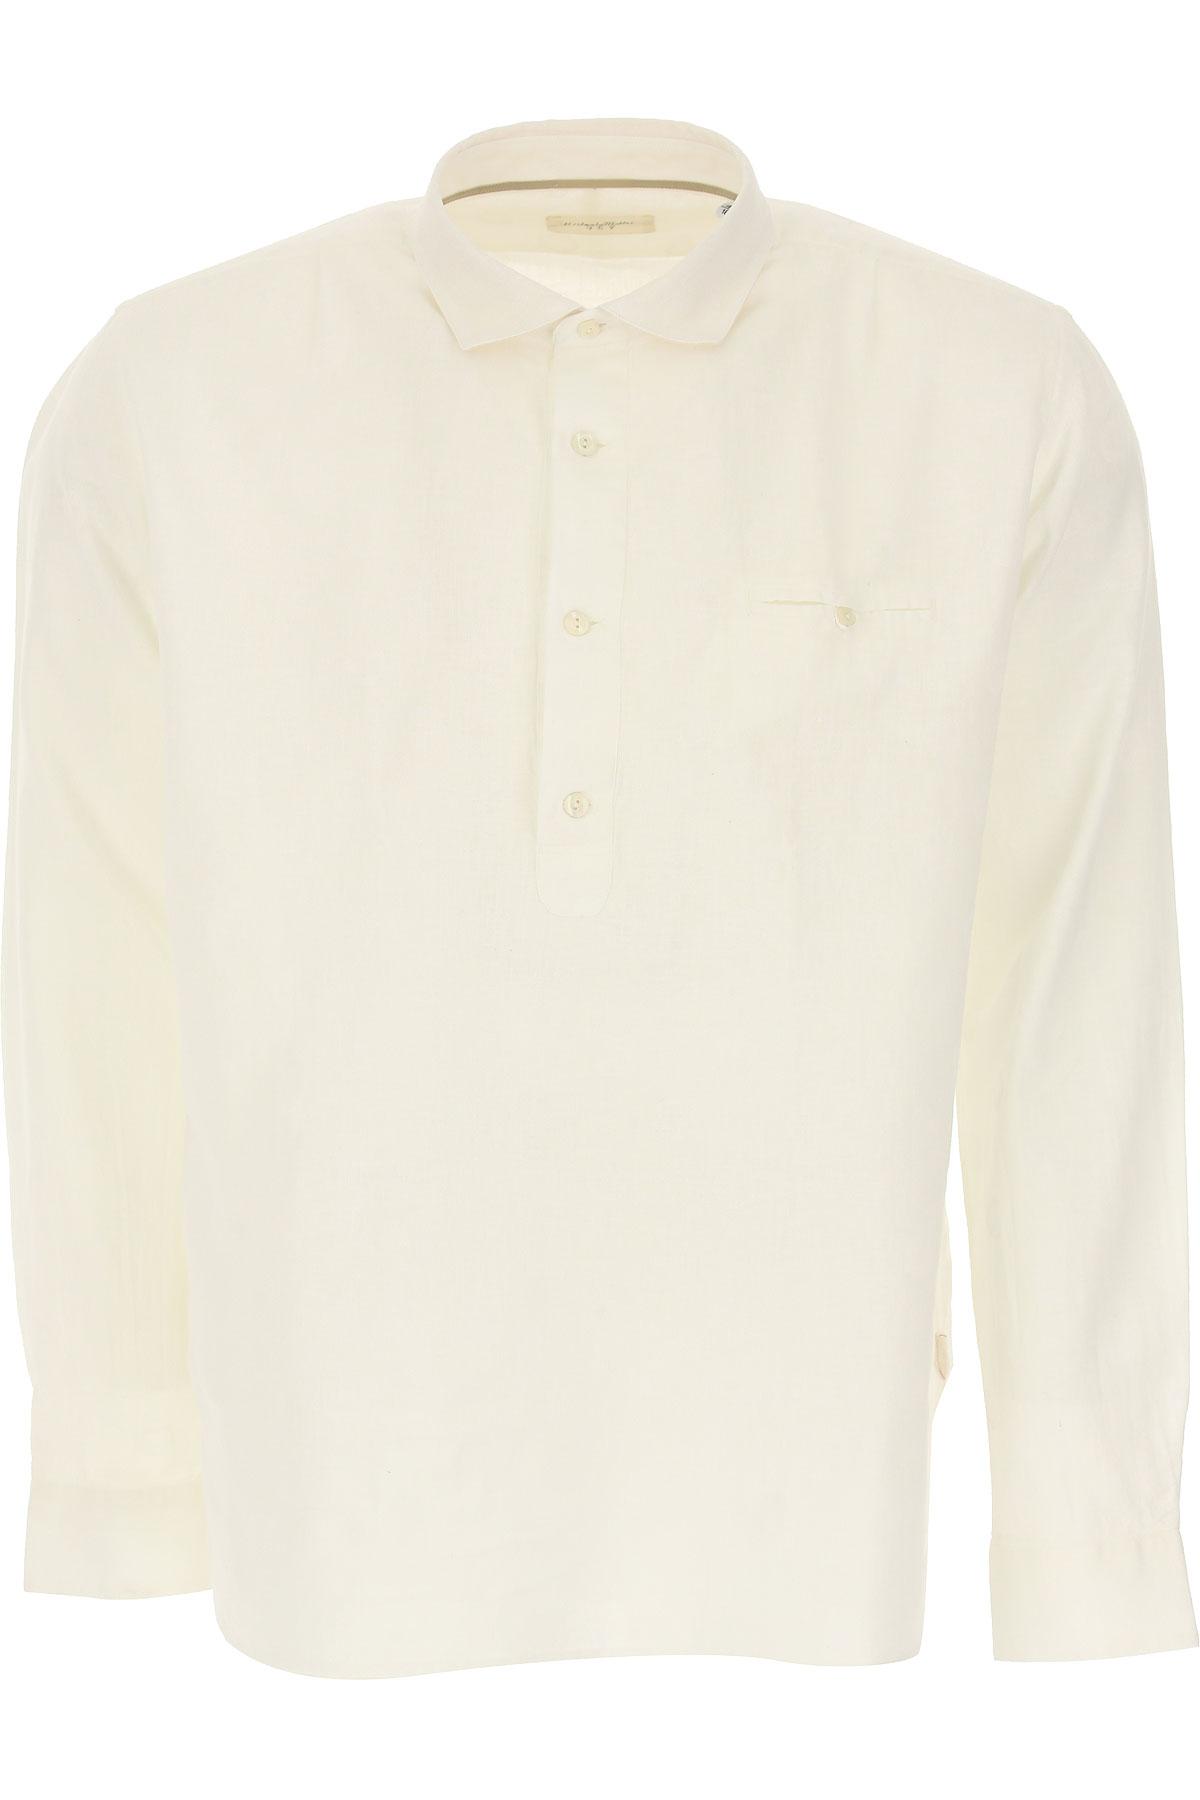 Tintoria Mattei 954 Shirt for Men, White, linen, 2019, 16 17 17.5